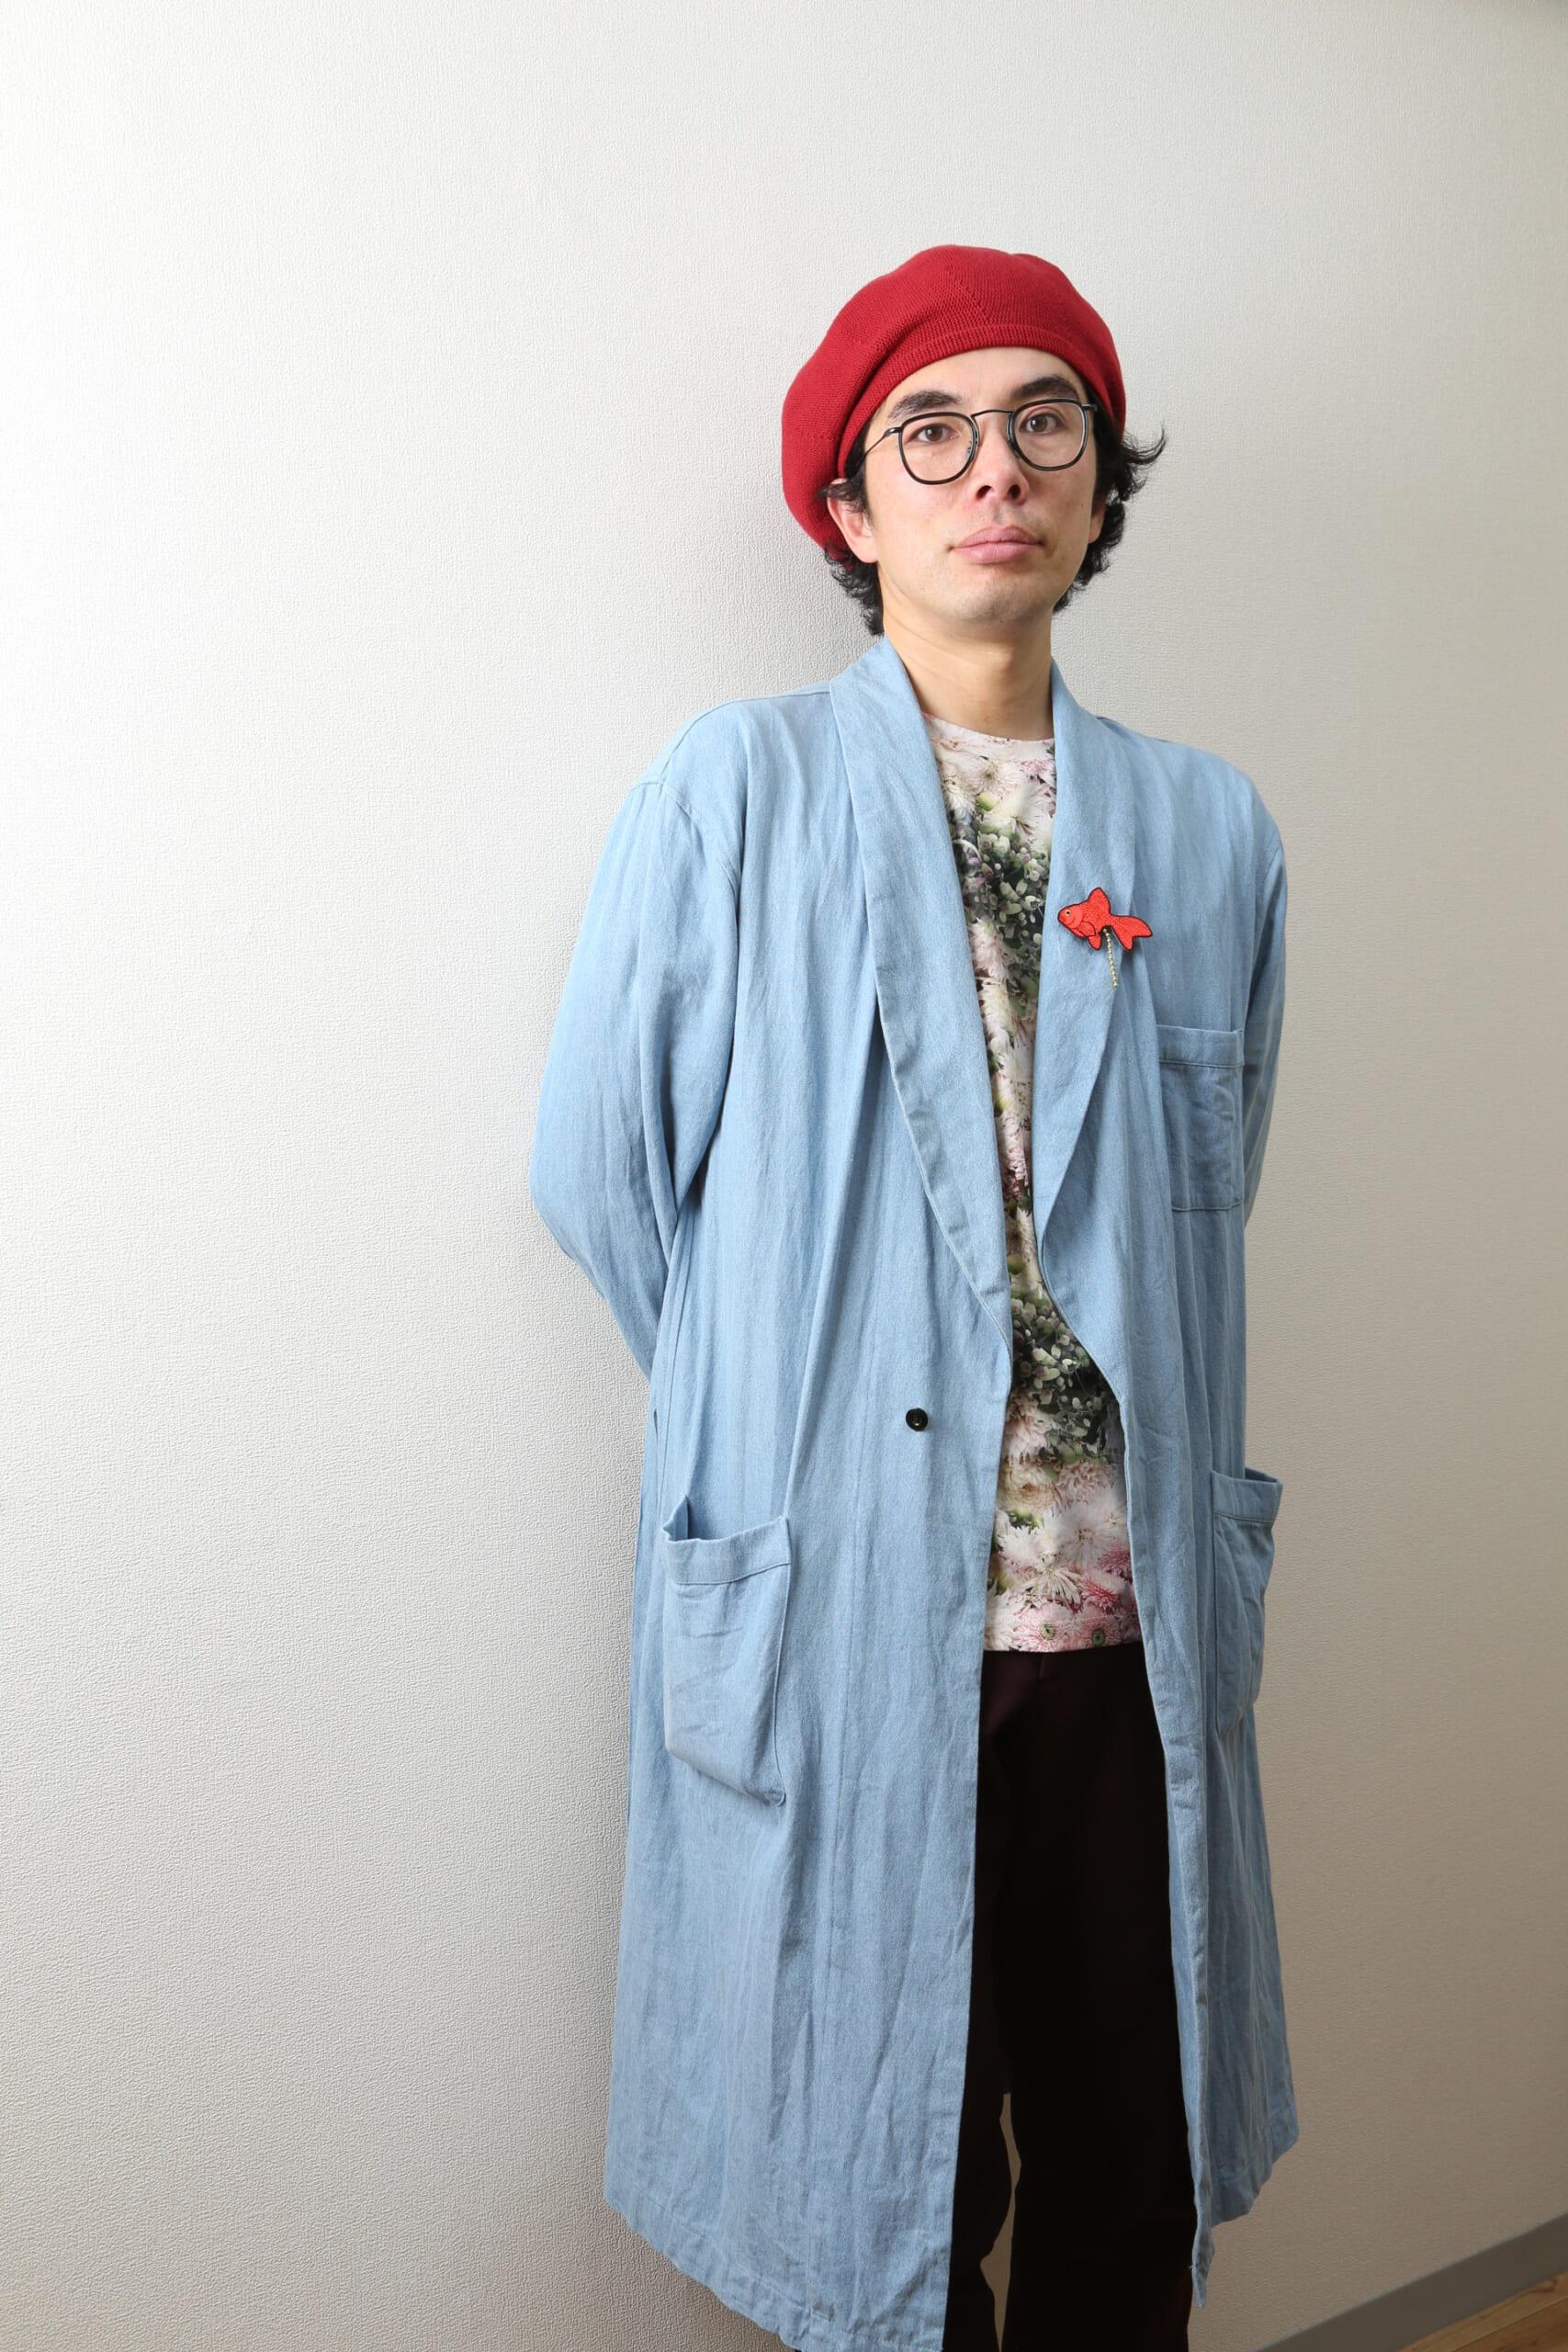 片桐仁、ドラマ「99.9」の役作りのために弁護士事務所へ